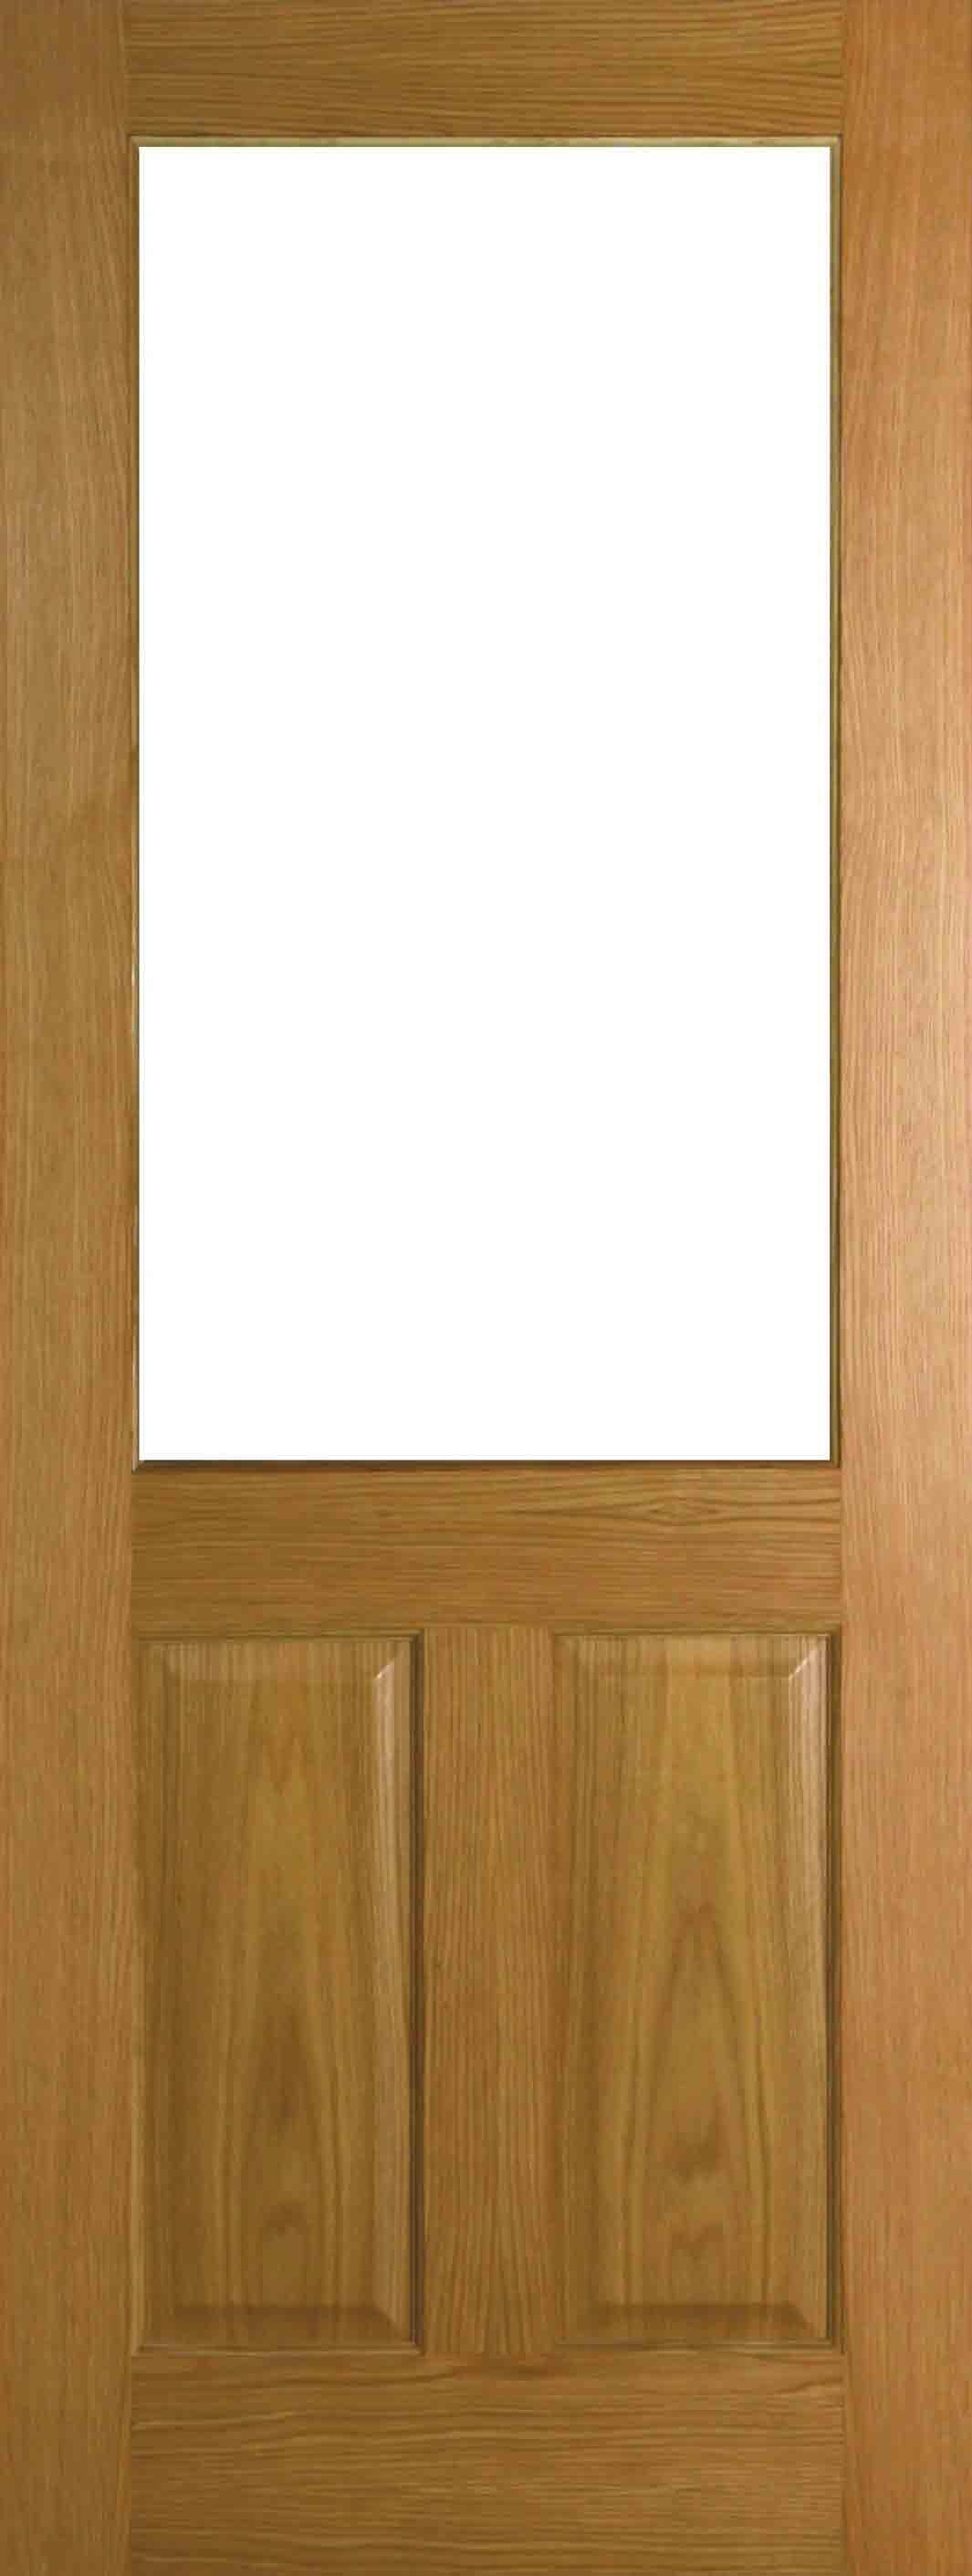 Internal Oak 2XG Door Prefinished with Clear Flat Glass & Internal Oak 2XG Door Prefinished with Clear Flat Glass | Finewood